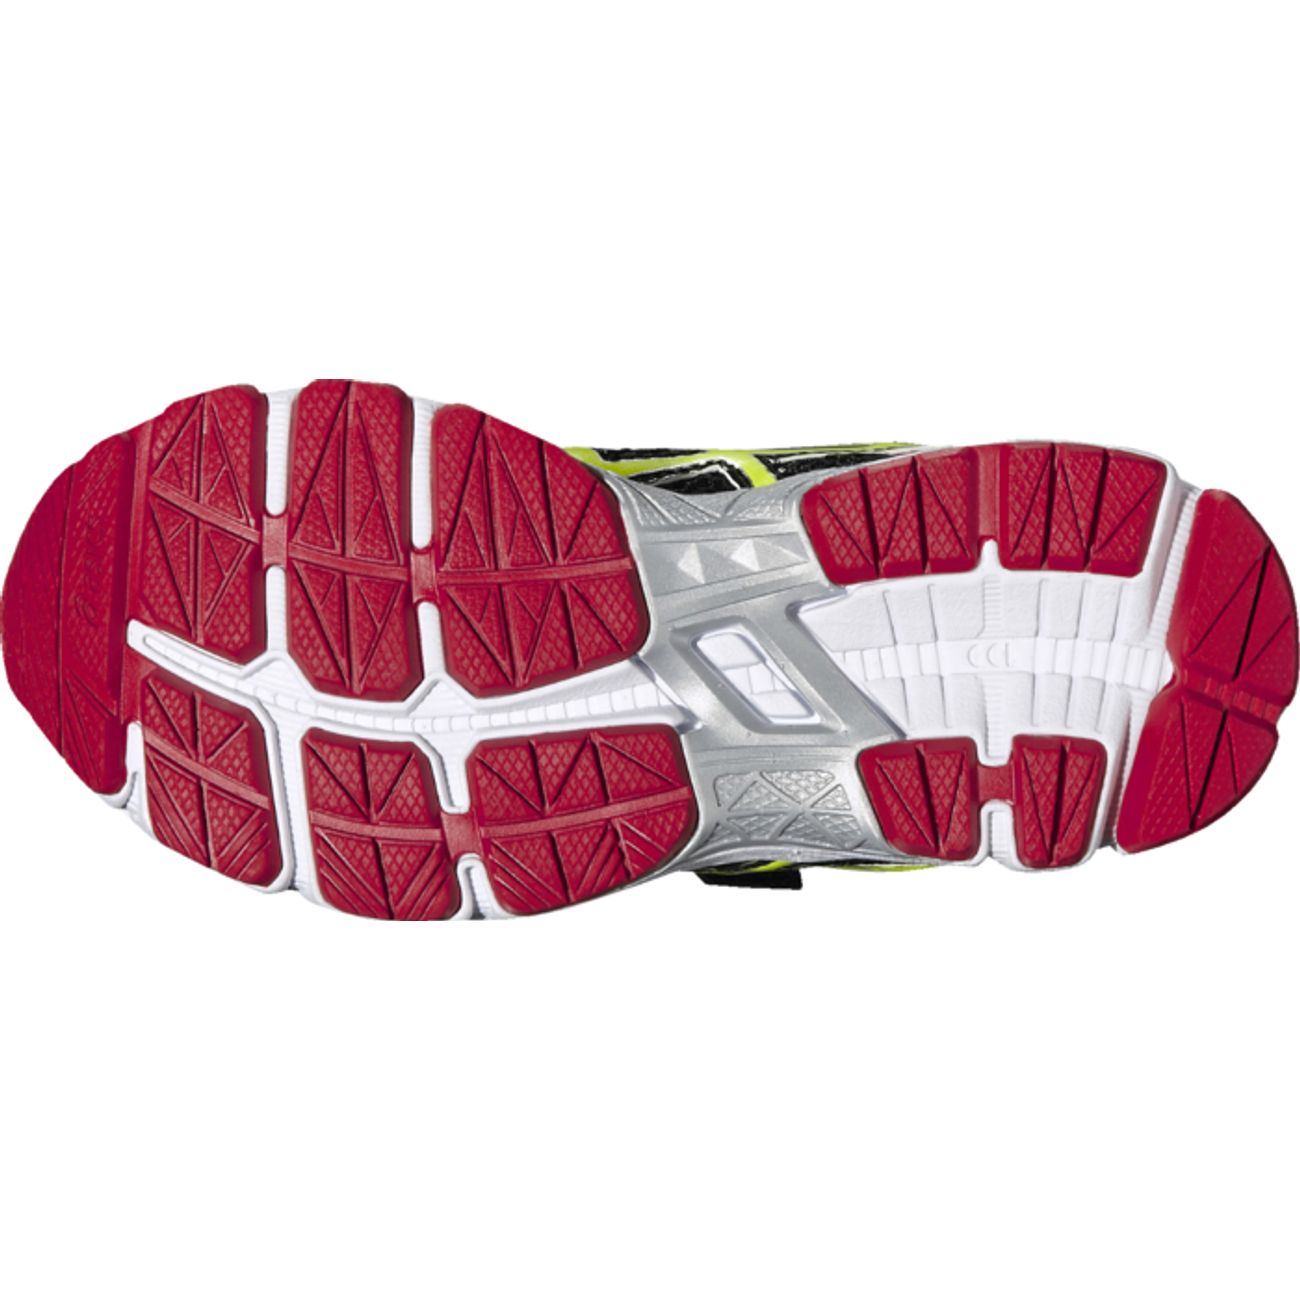 Chaussures Gt 1000 Vlc Basses Asics NPXOk80wnZ